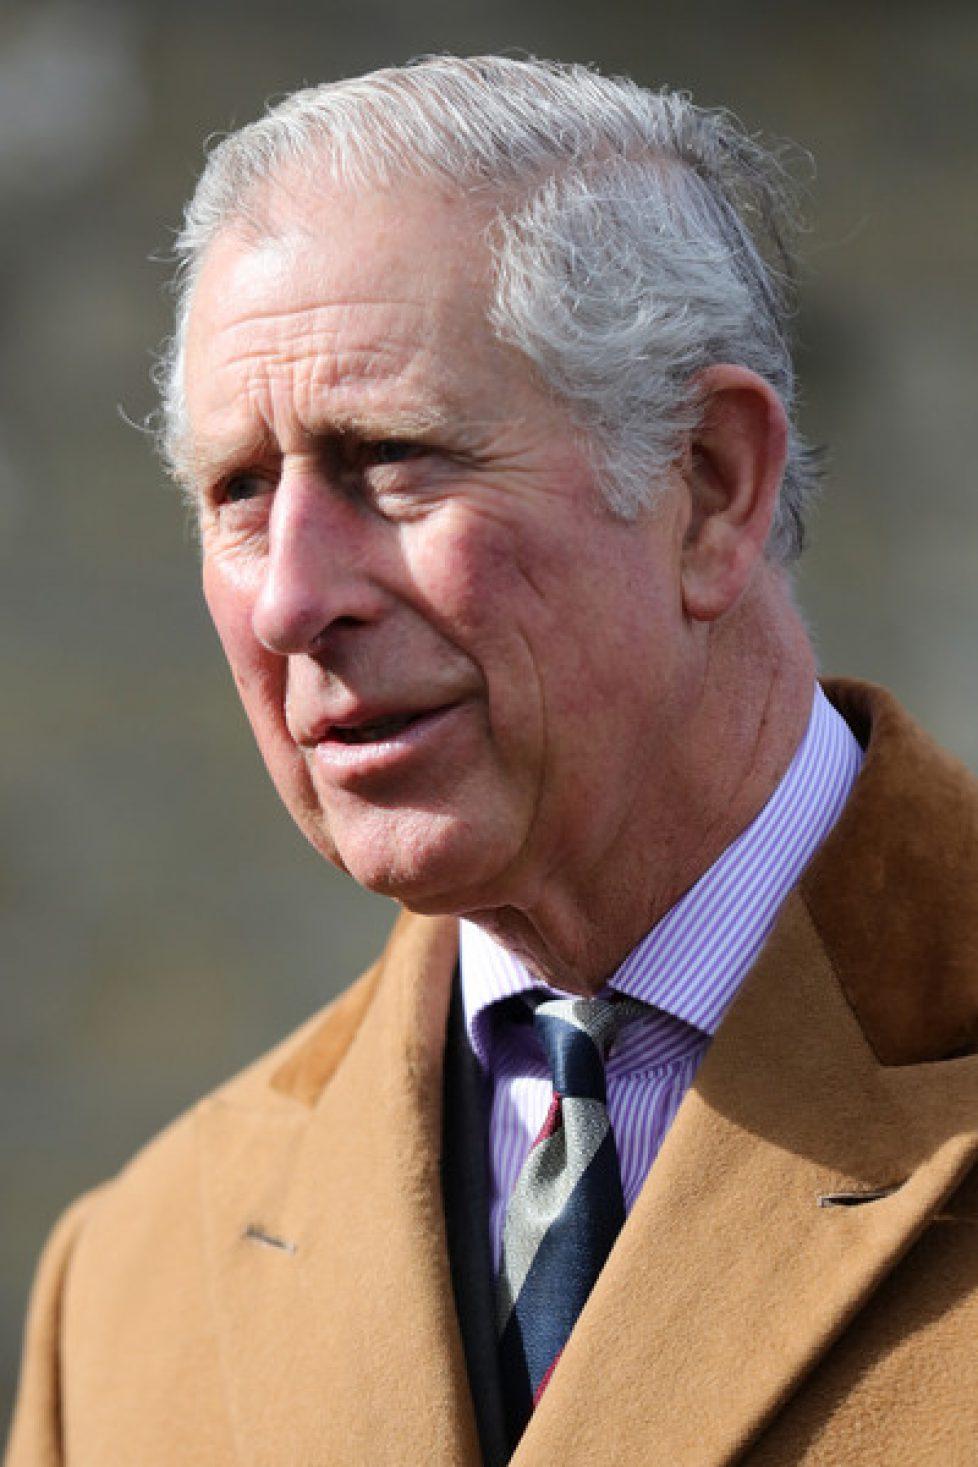 Prince+Wales+Visits+Lancashire+BlcBbOierlrl